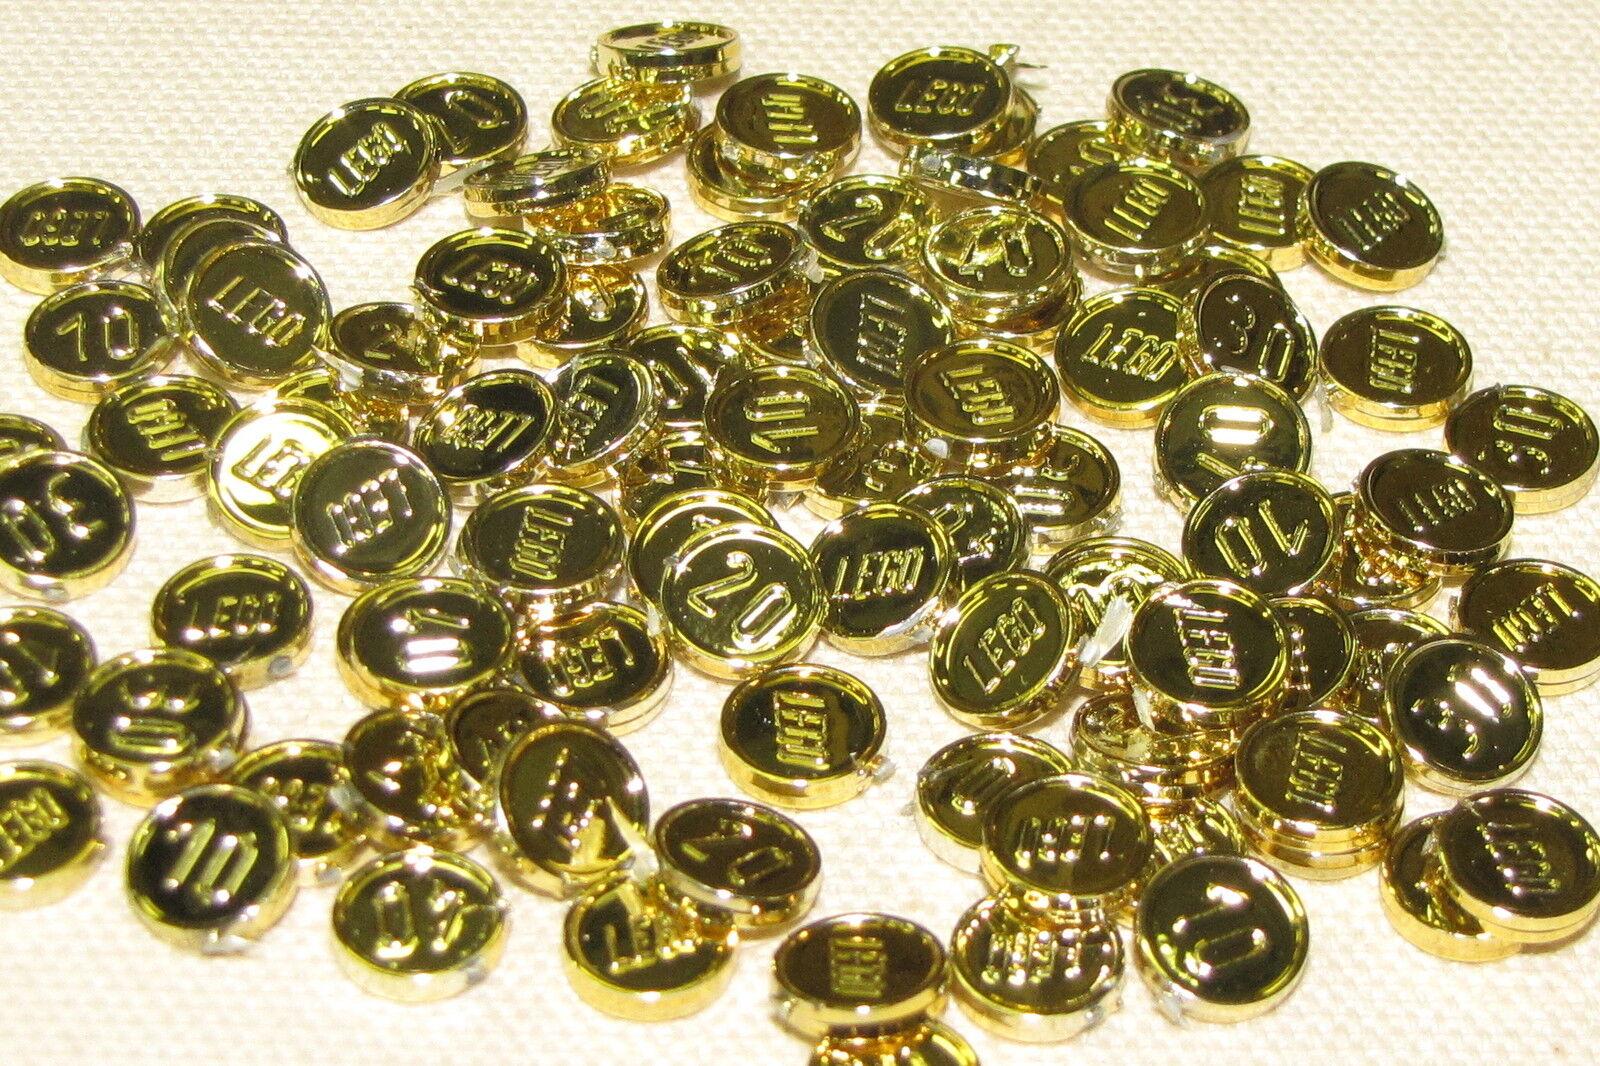 Lego Lot Of 100 Neuf Rare Pirate Chrome Doré Pieces Trésor Pièces